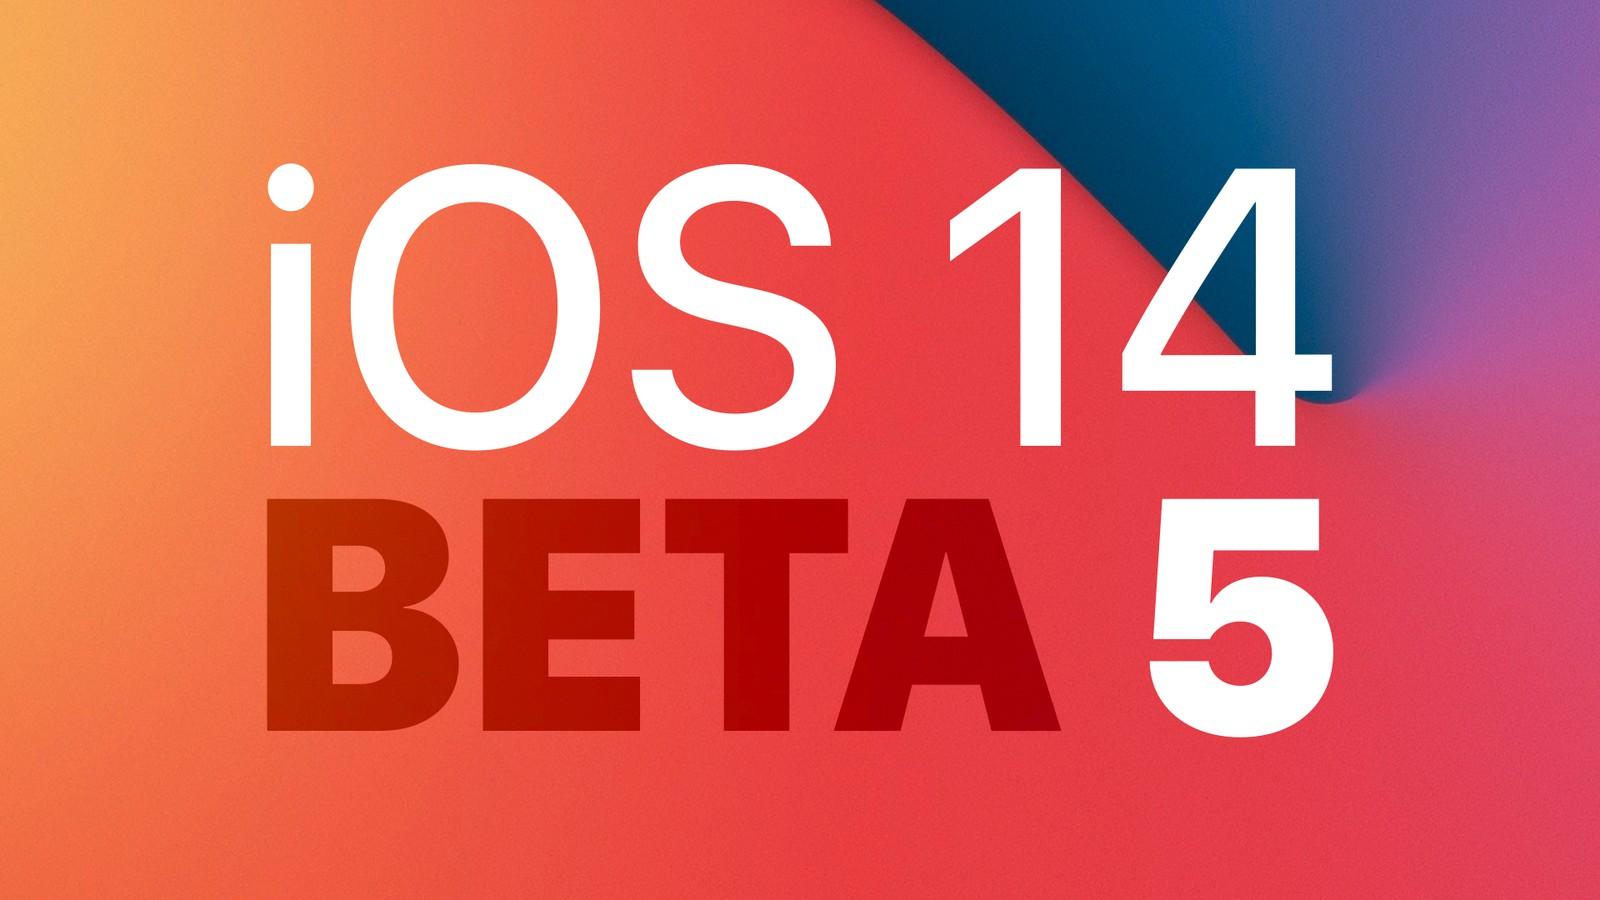 软件知识:iOS14Beta5更新了什么